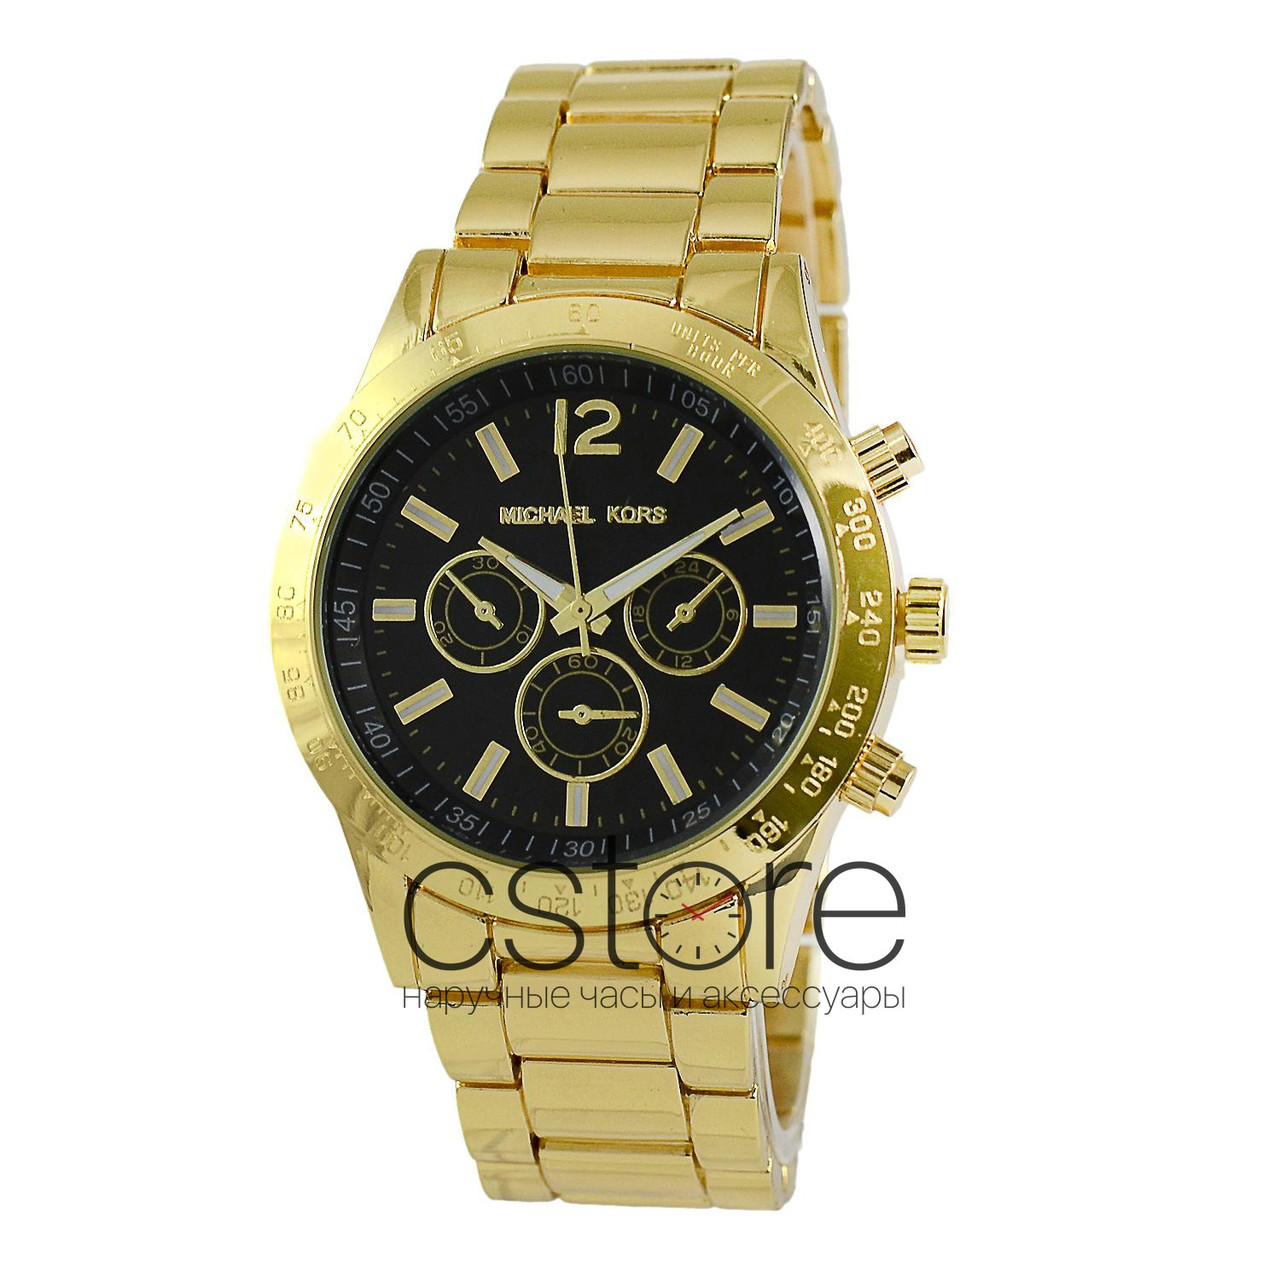 aba017d8e8cd Мужские наручные часы Michael Kors MK-810 Daytona Style желтое золото с  черным циферблатом (